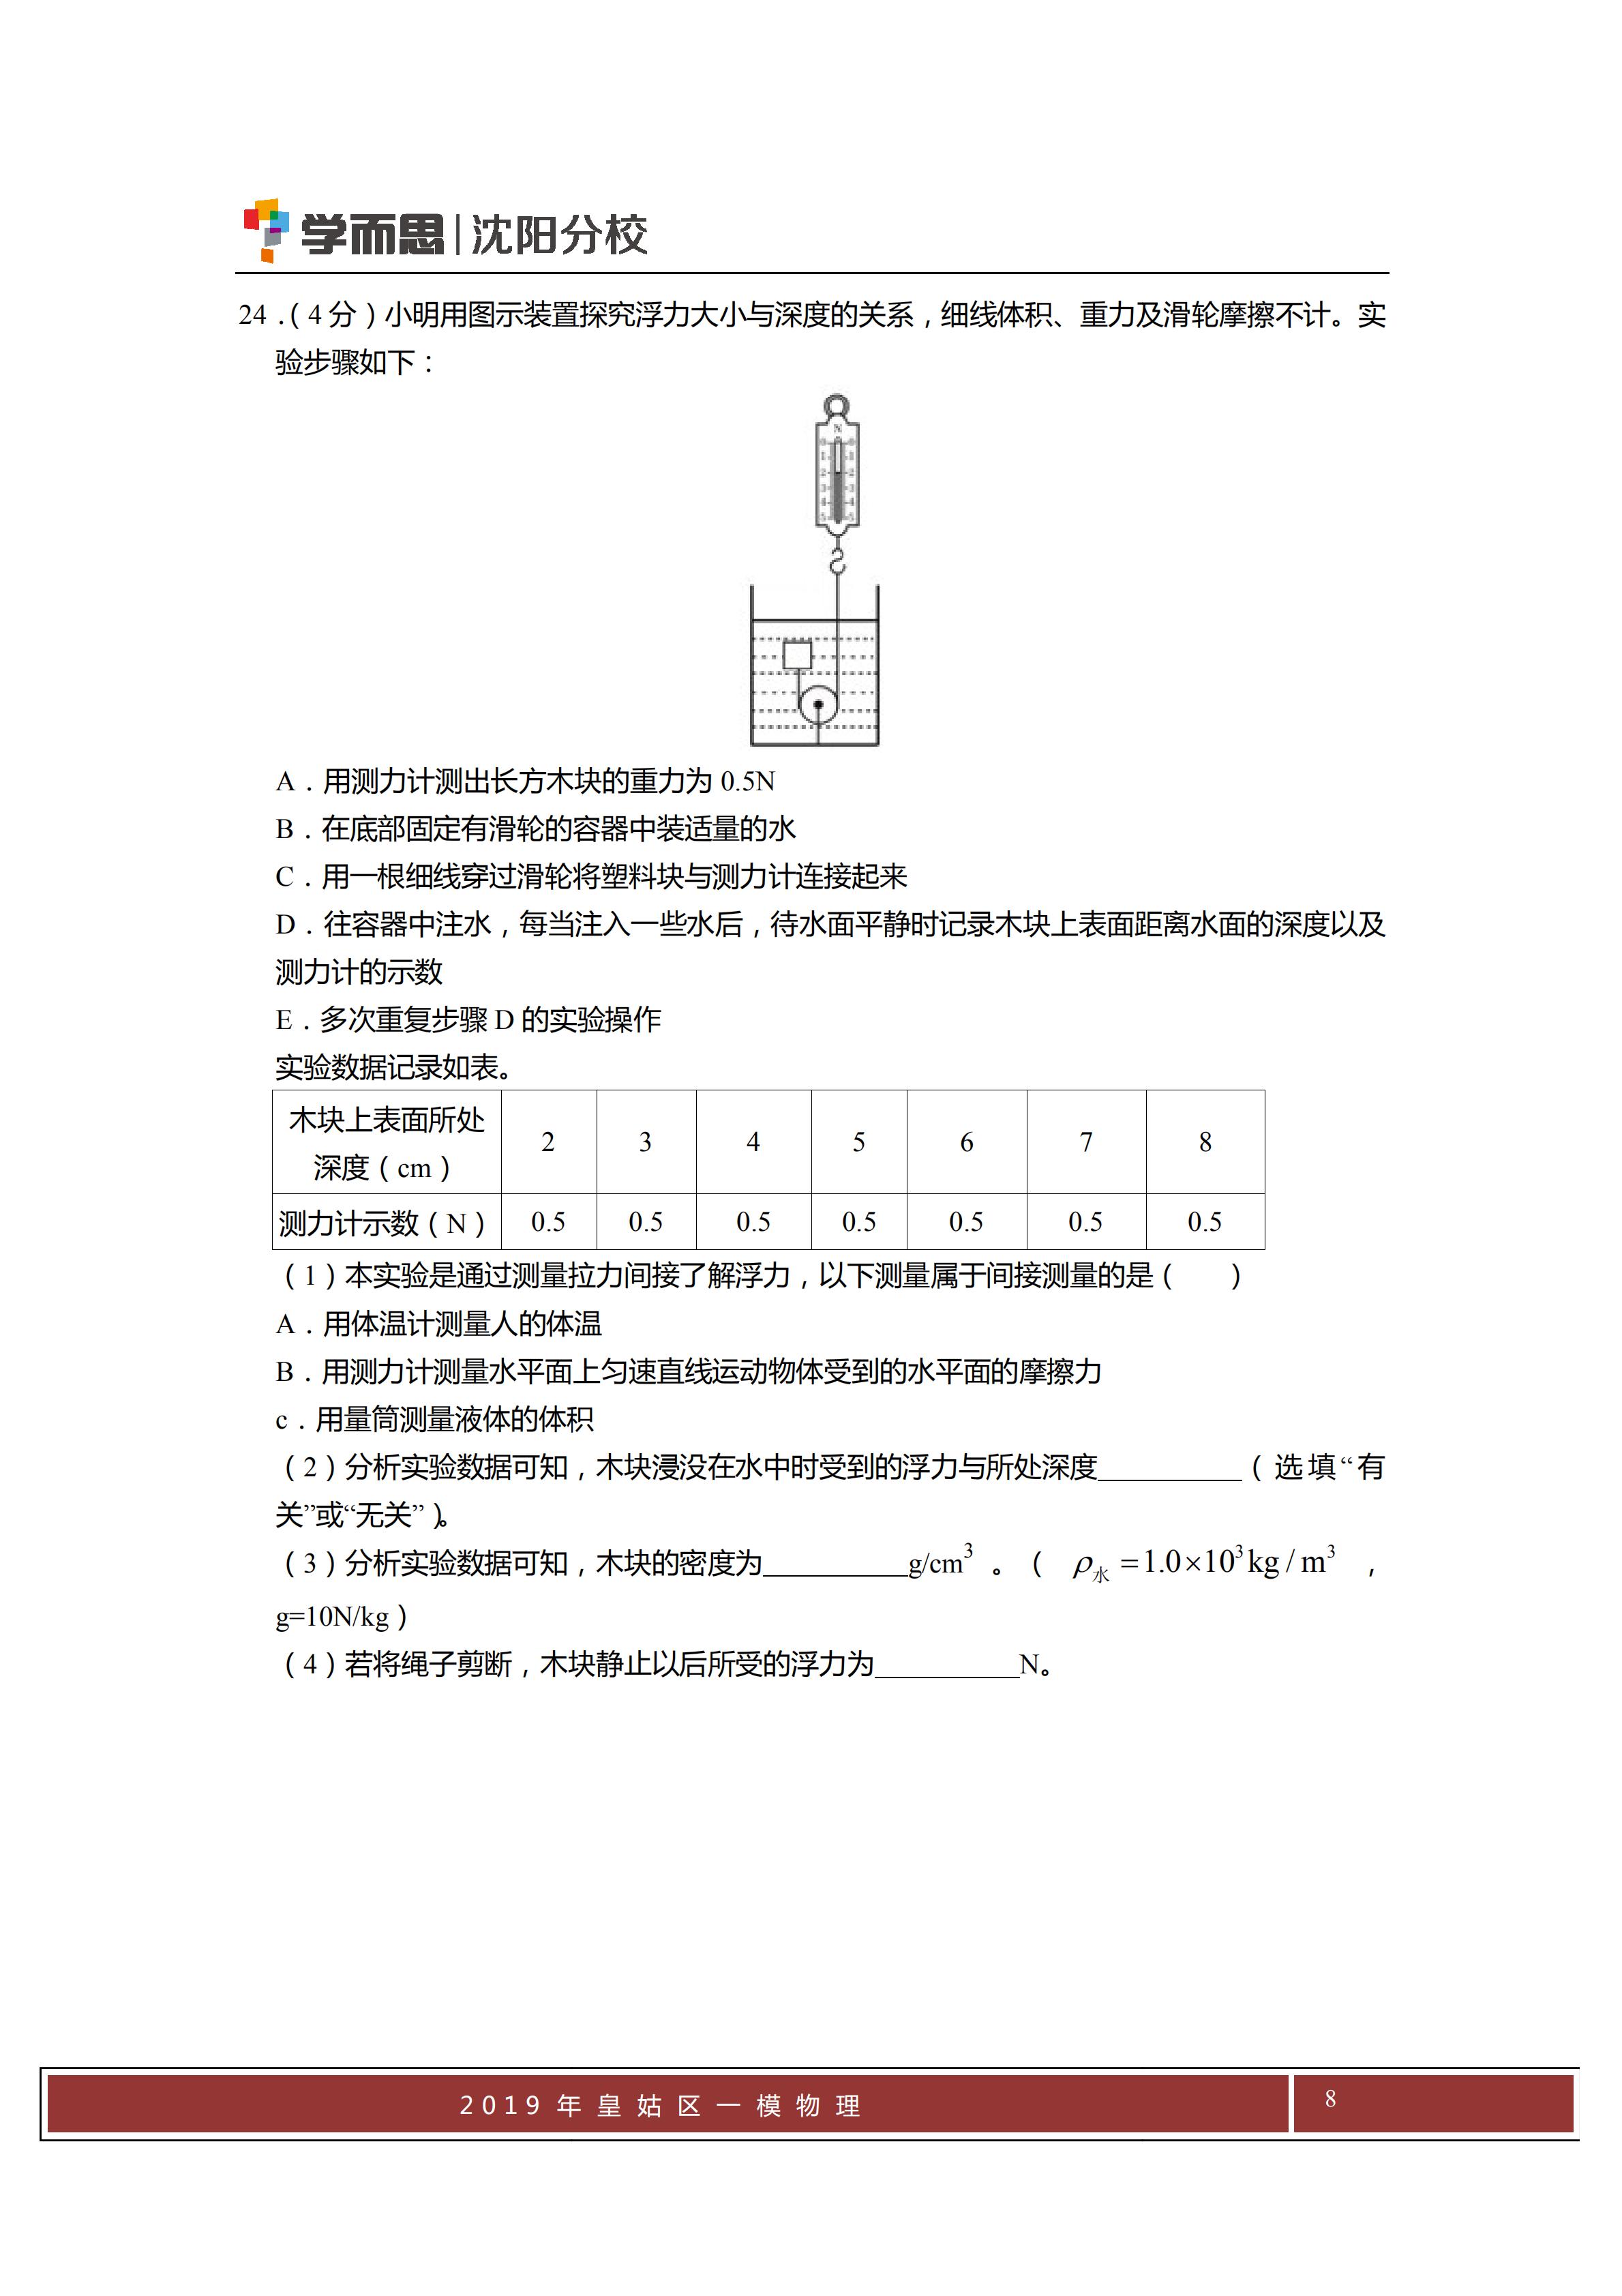 2019年皇姑区物理一模试卷_07.png